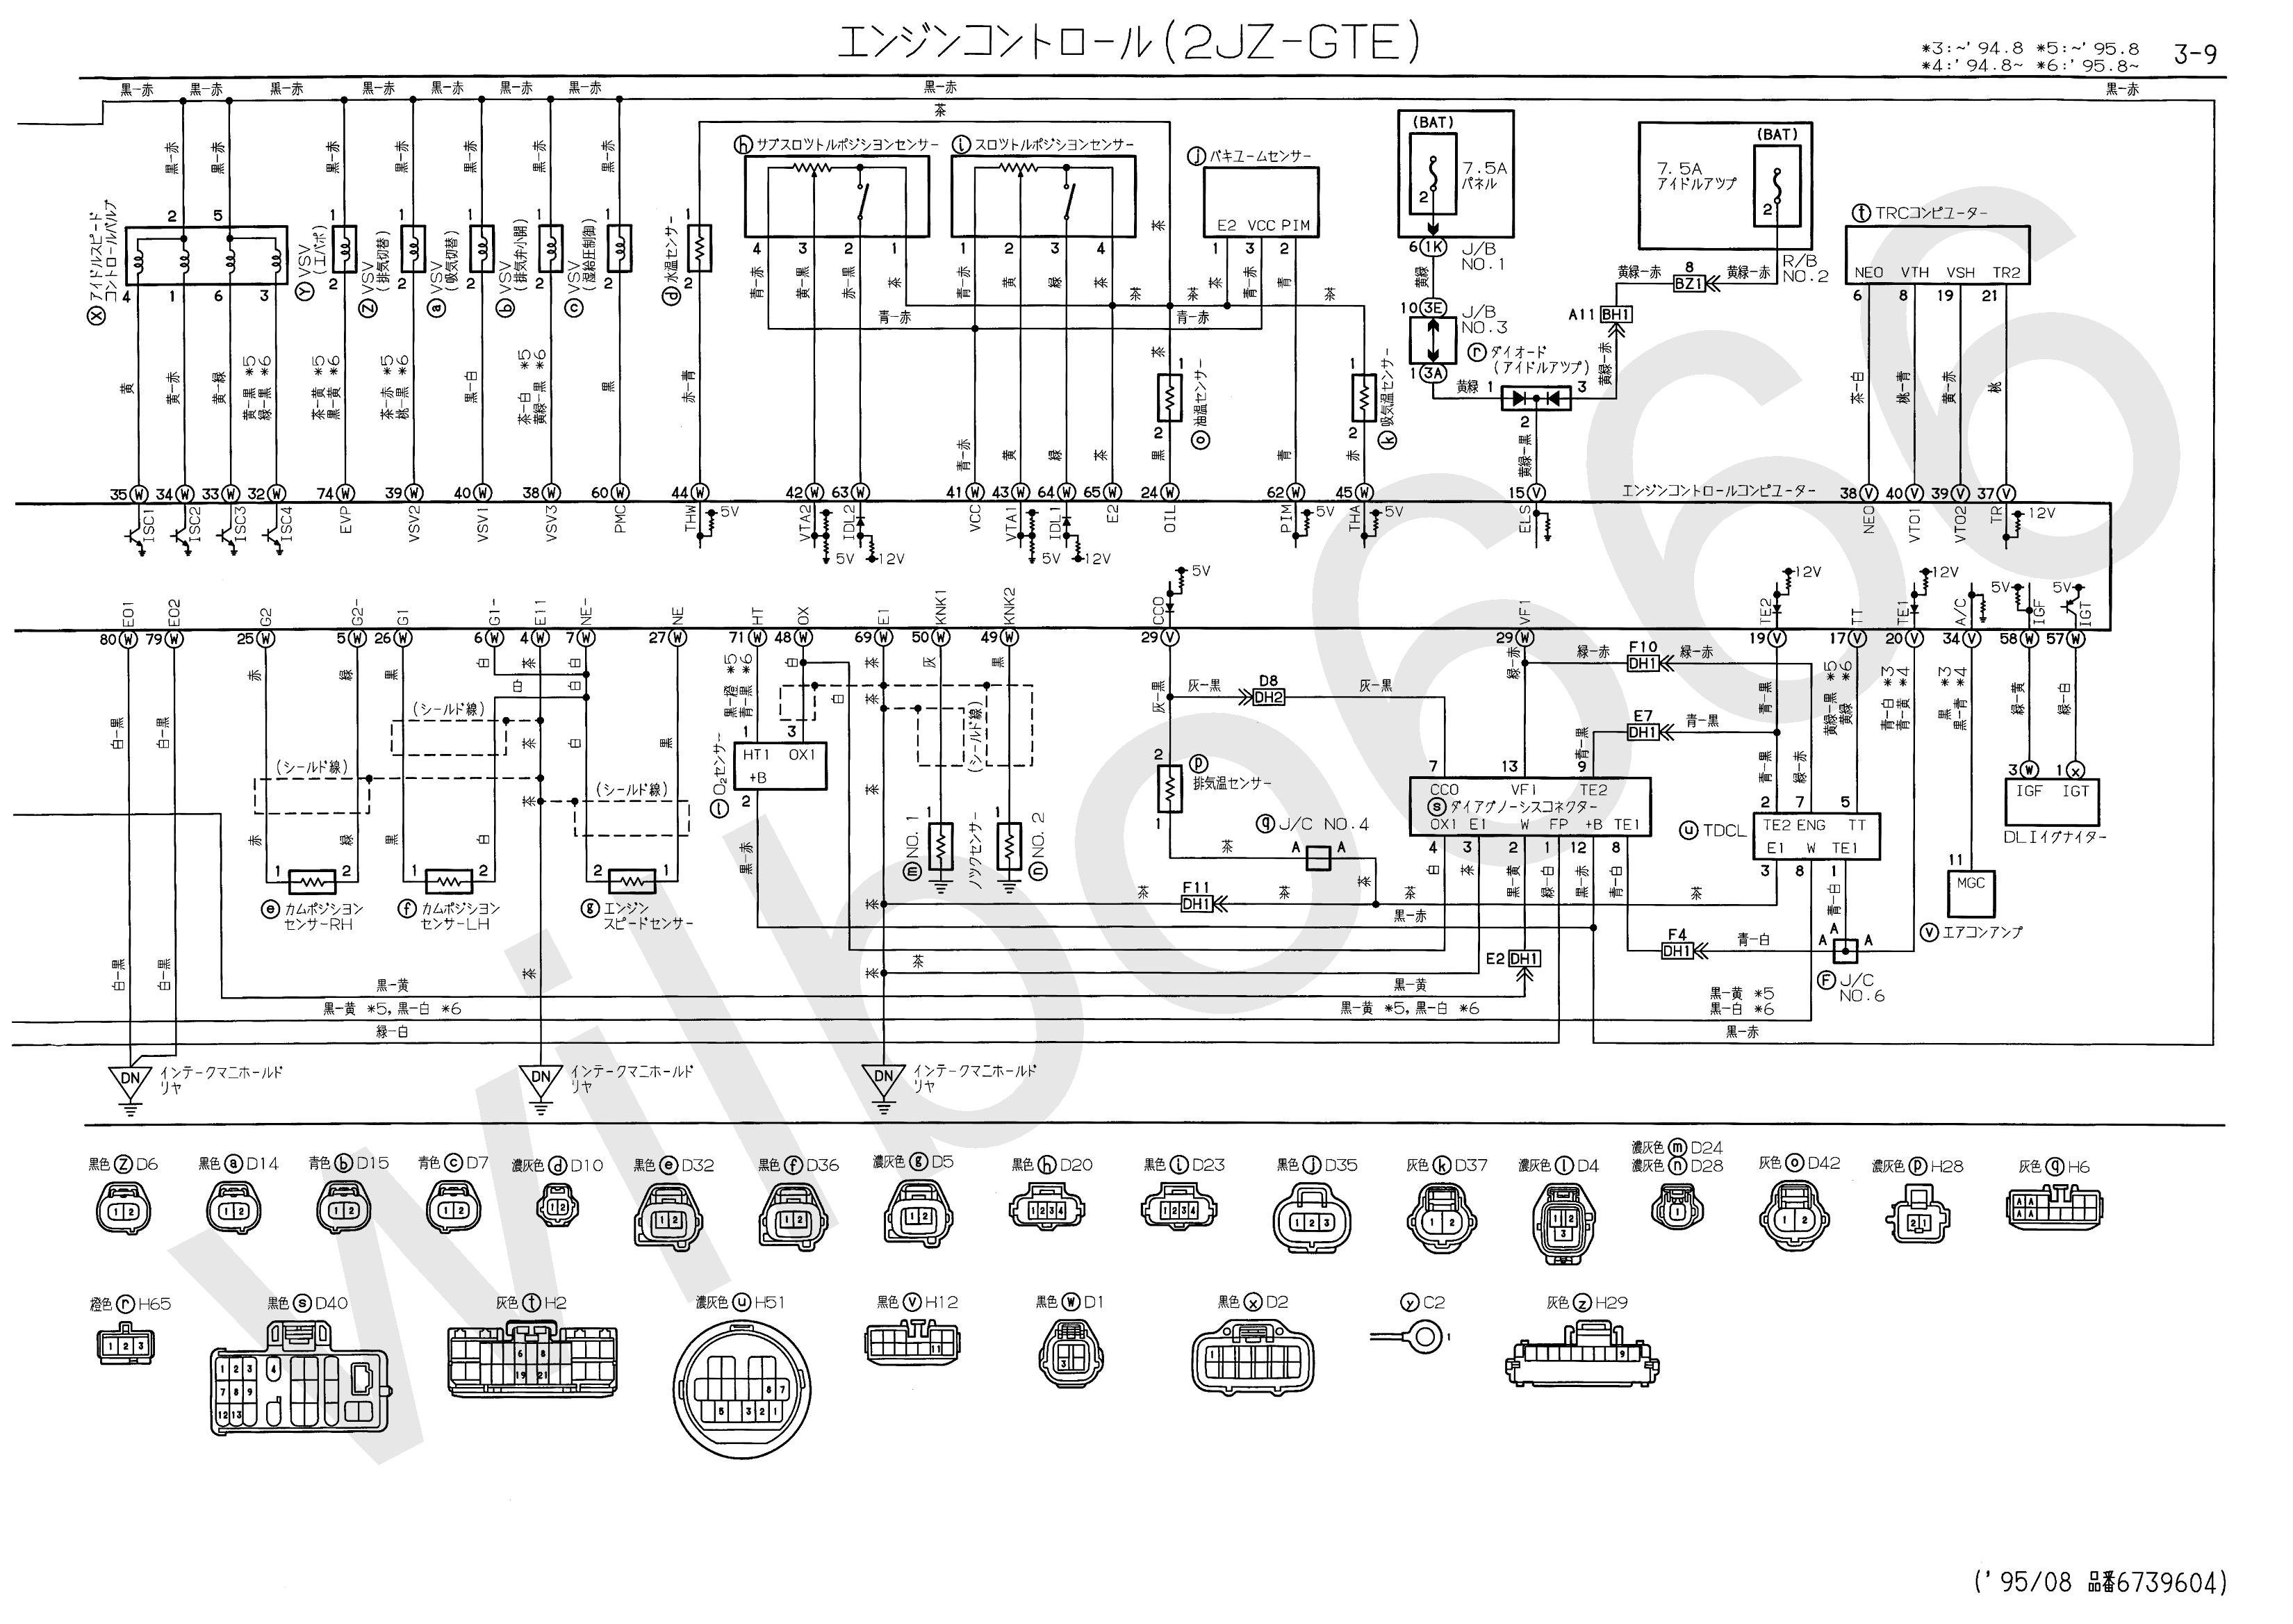 Pleasing Wilbo666 2Jz Gte Jzs147 Aristo Engine Wiring Wiring Cloud Eachirenstrafr09Org